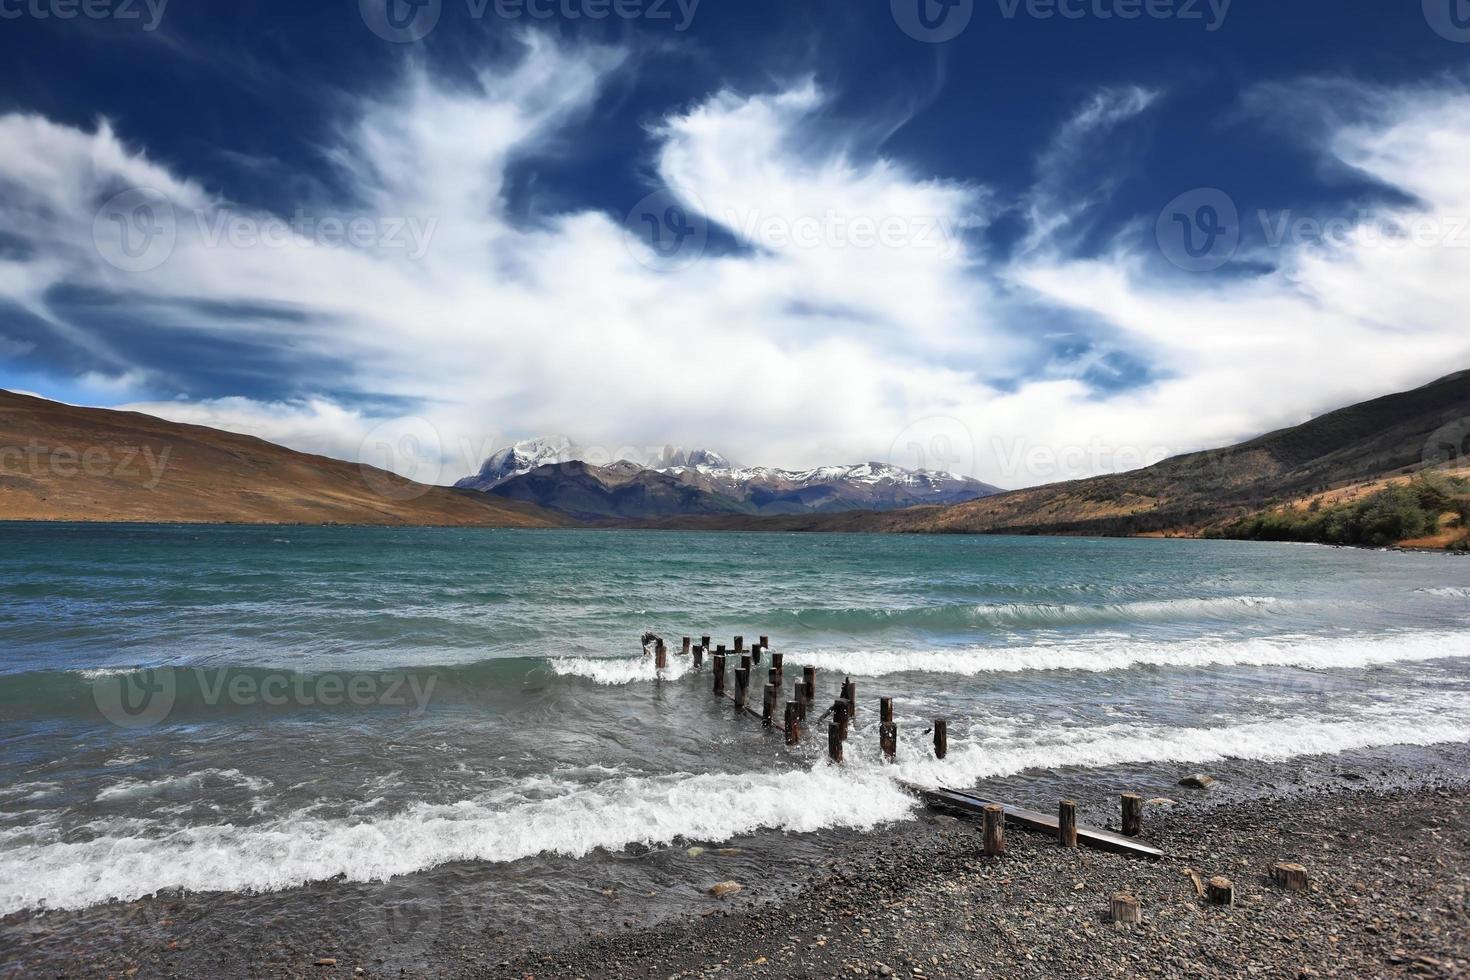 verrückter Wind Patagonien foto